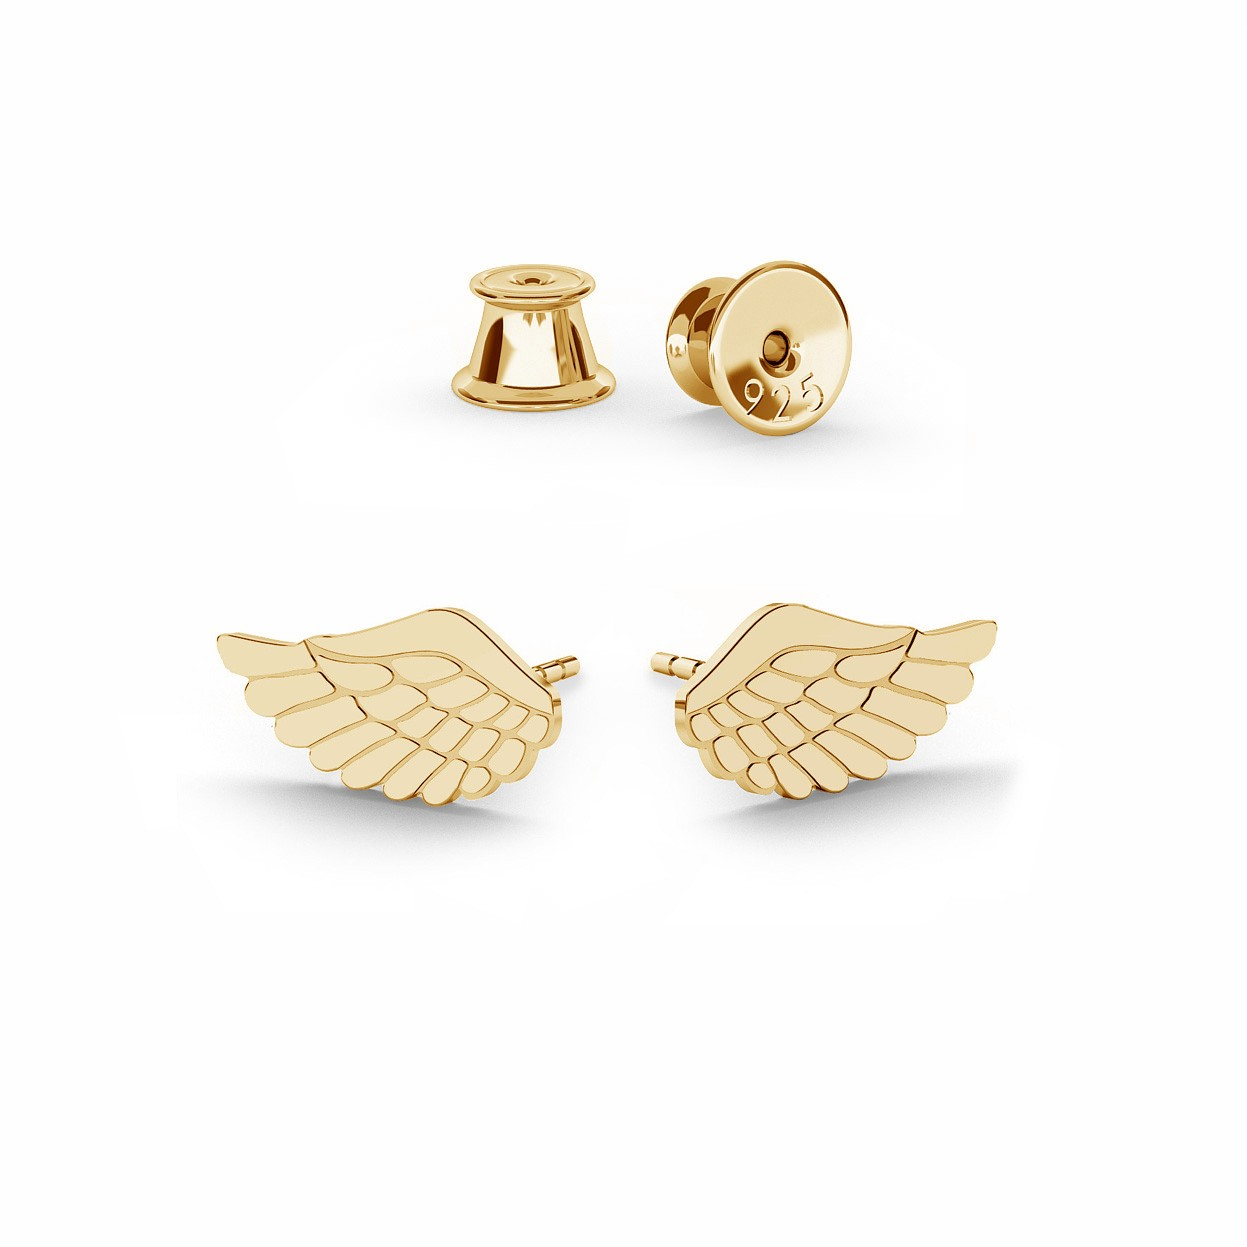 Srebrne kolczyki małe skrzydła anioła, srebro 925